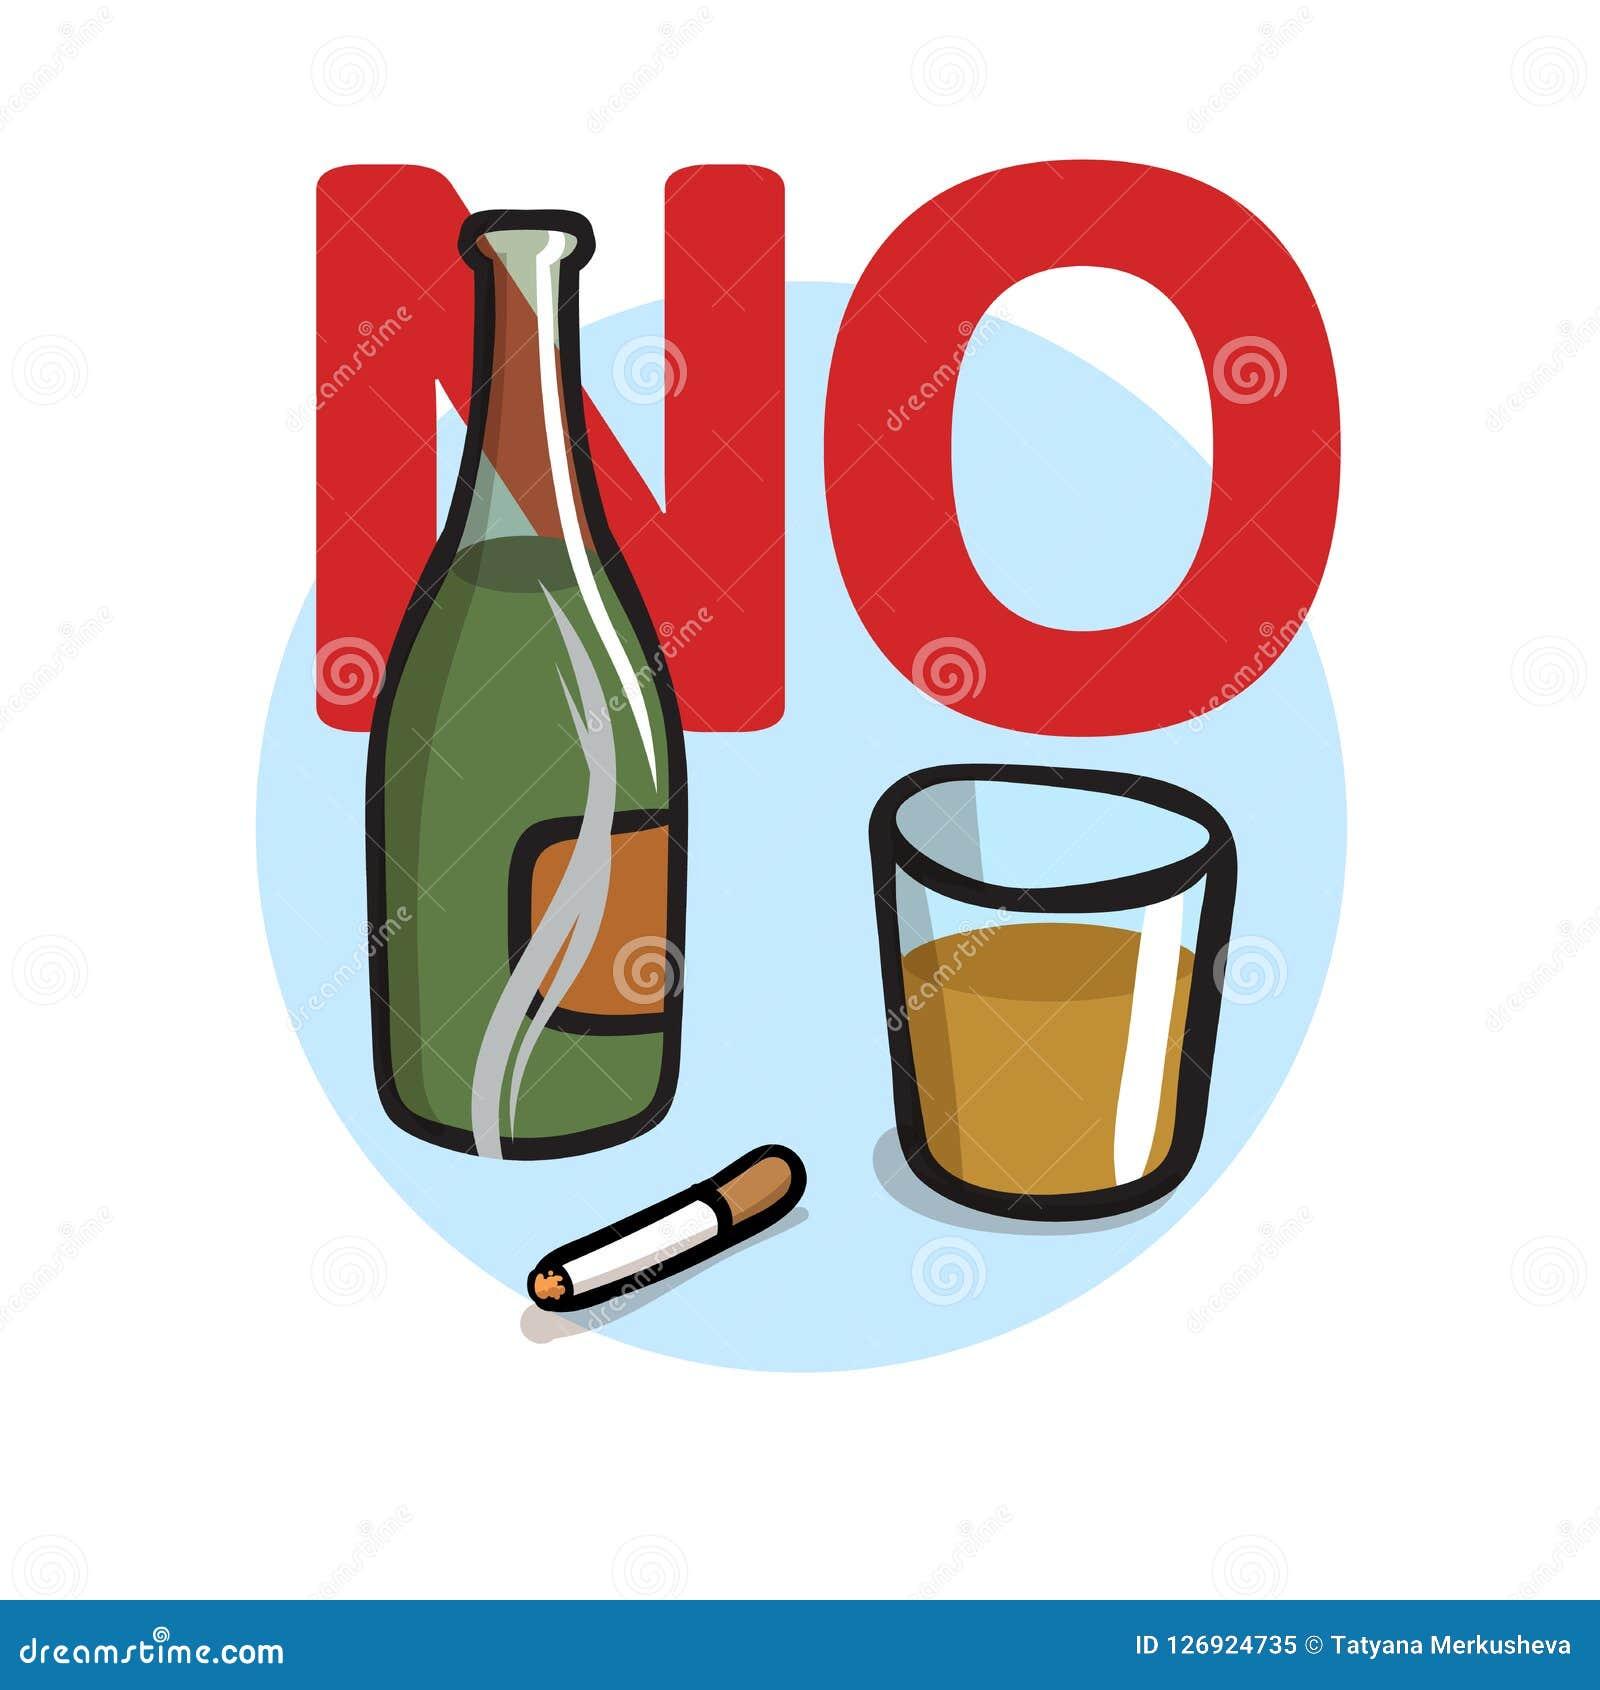 Nichtraucher, kein Alkohol Flache Vektorillustration Getrennt auf weißem Hintergrund